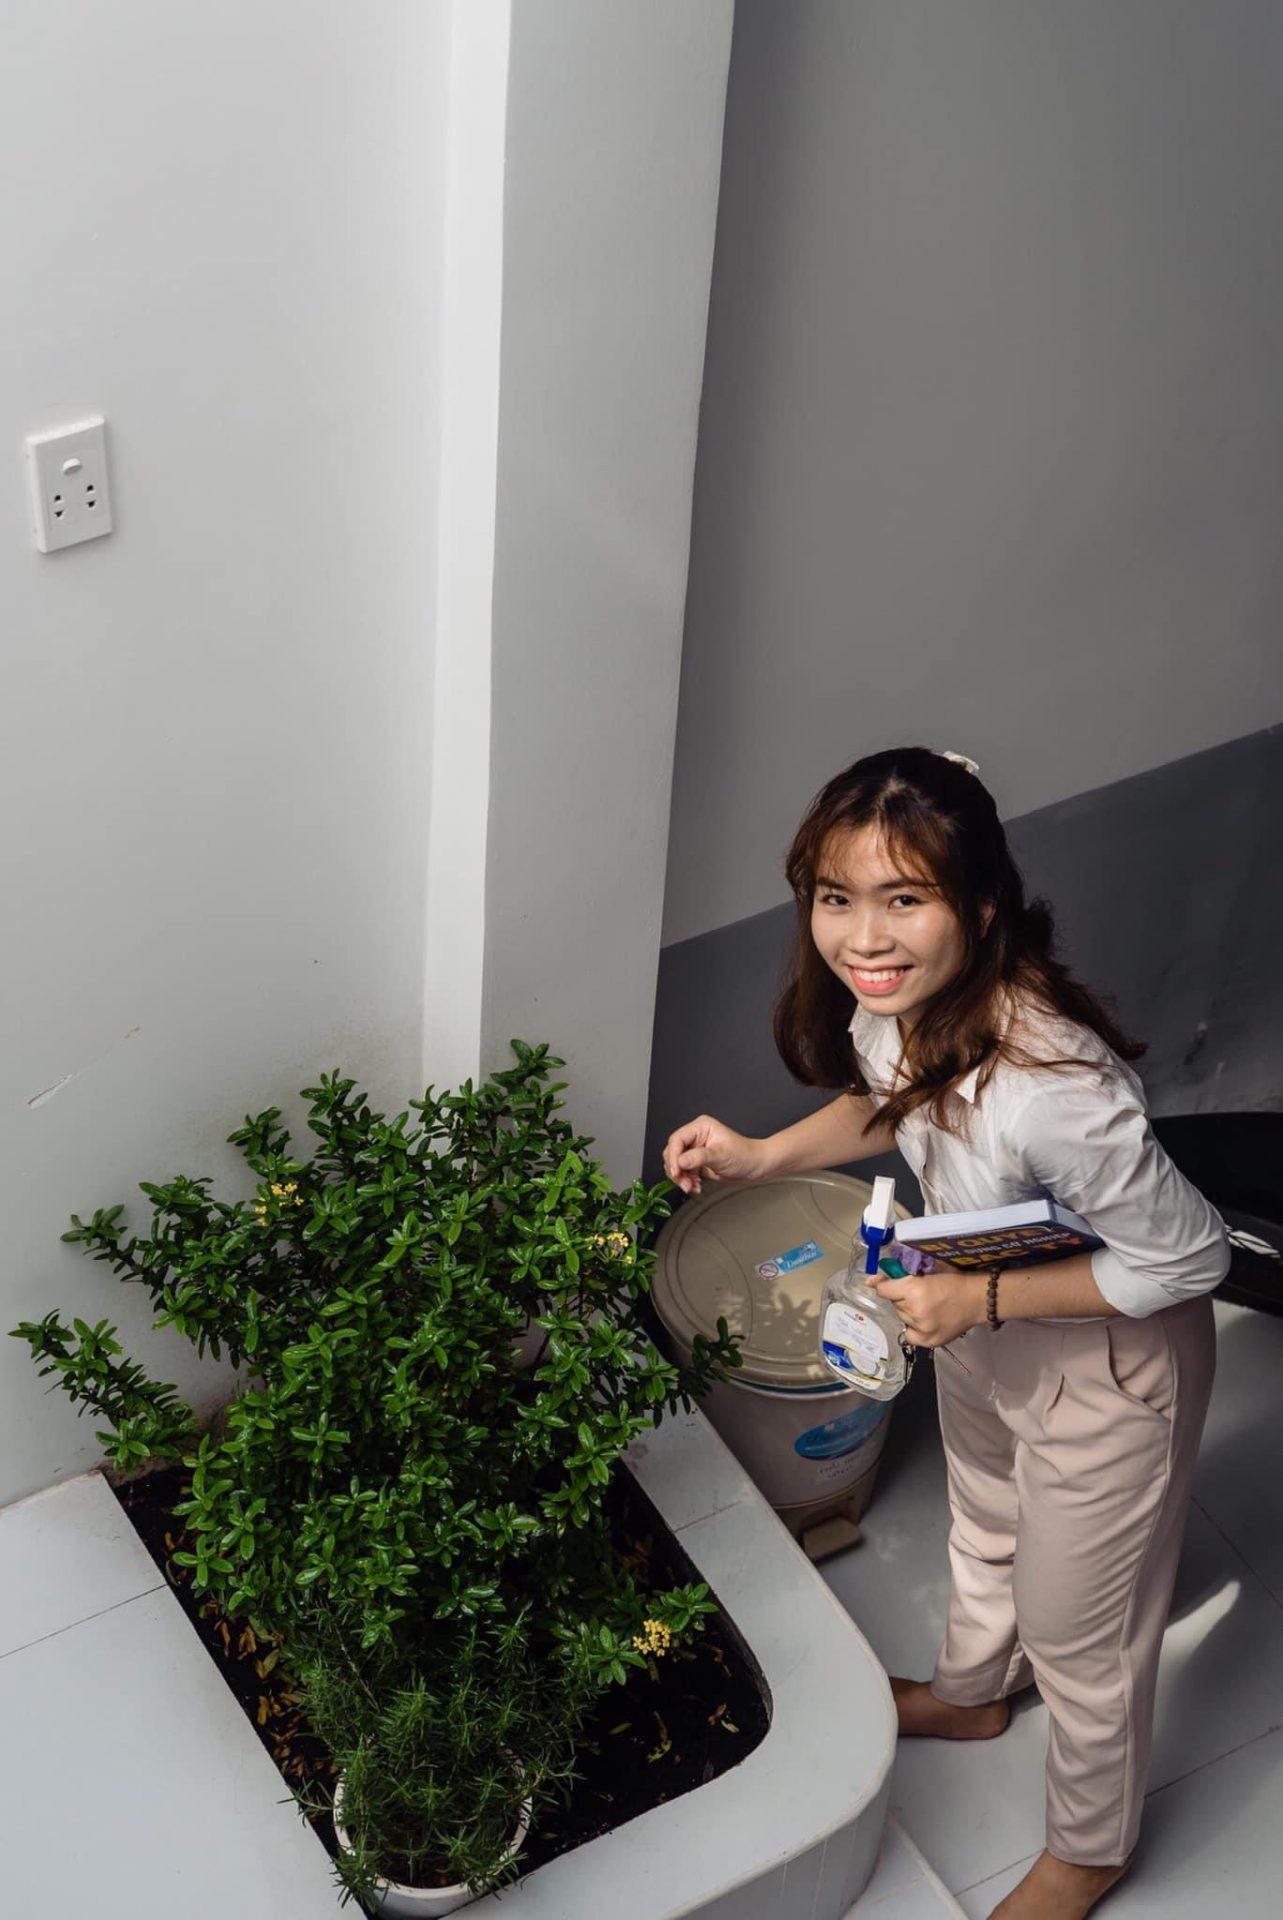 HAPPY YOUNG HOUSE - NGÔI NHÀ CHUNG PHỦ ĐẦY MÀU XANH